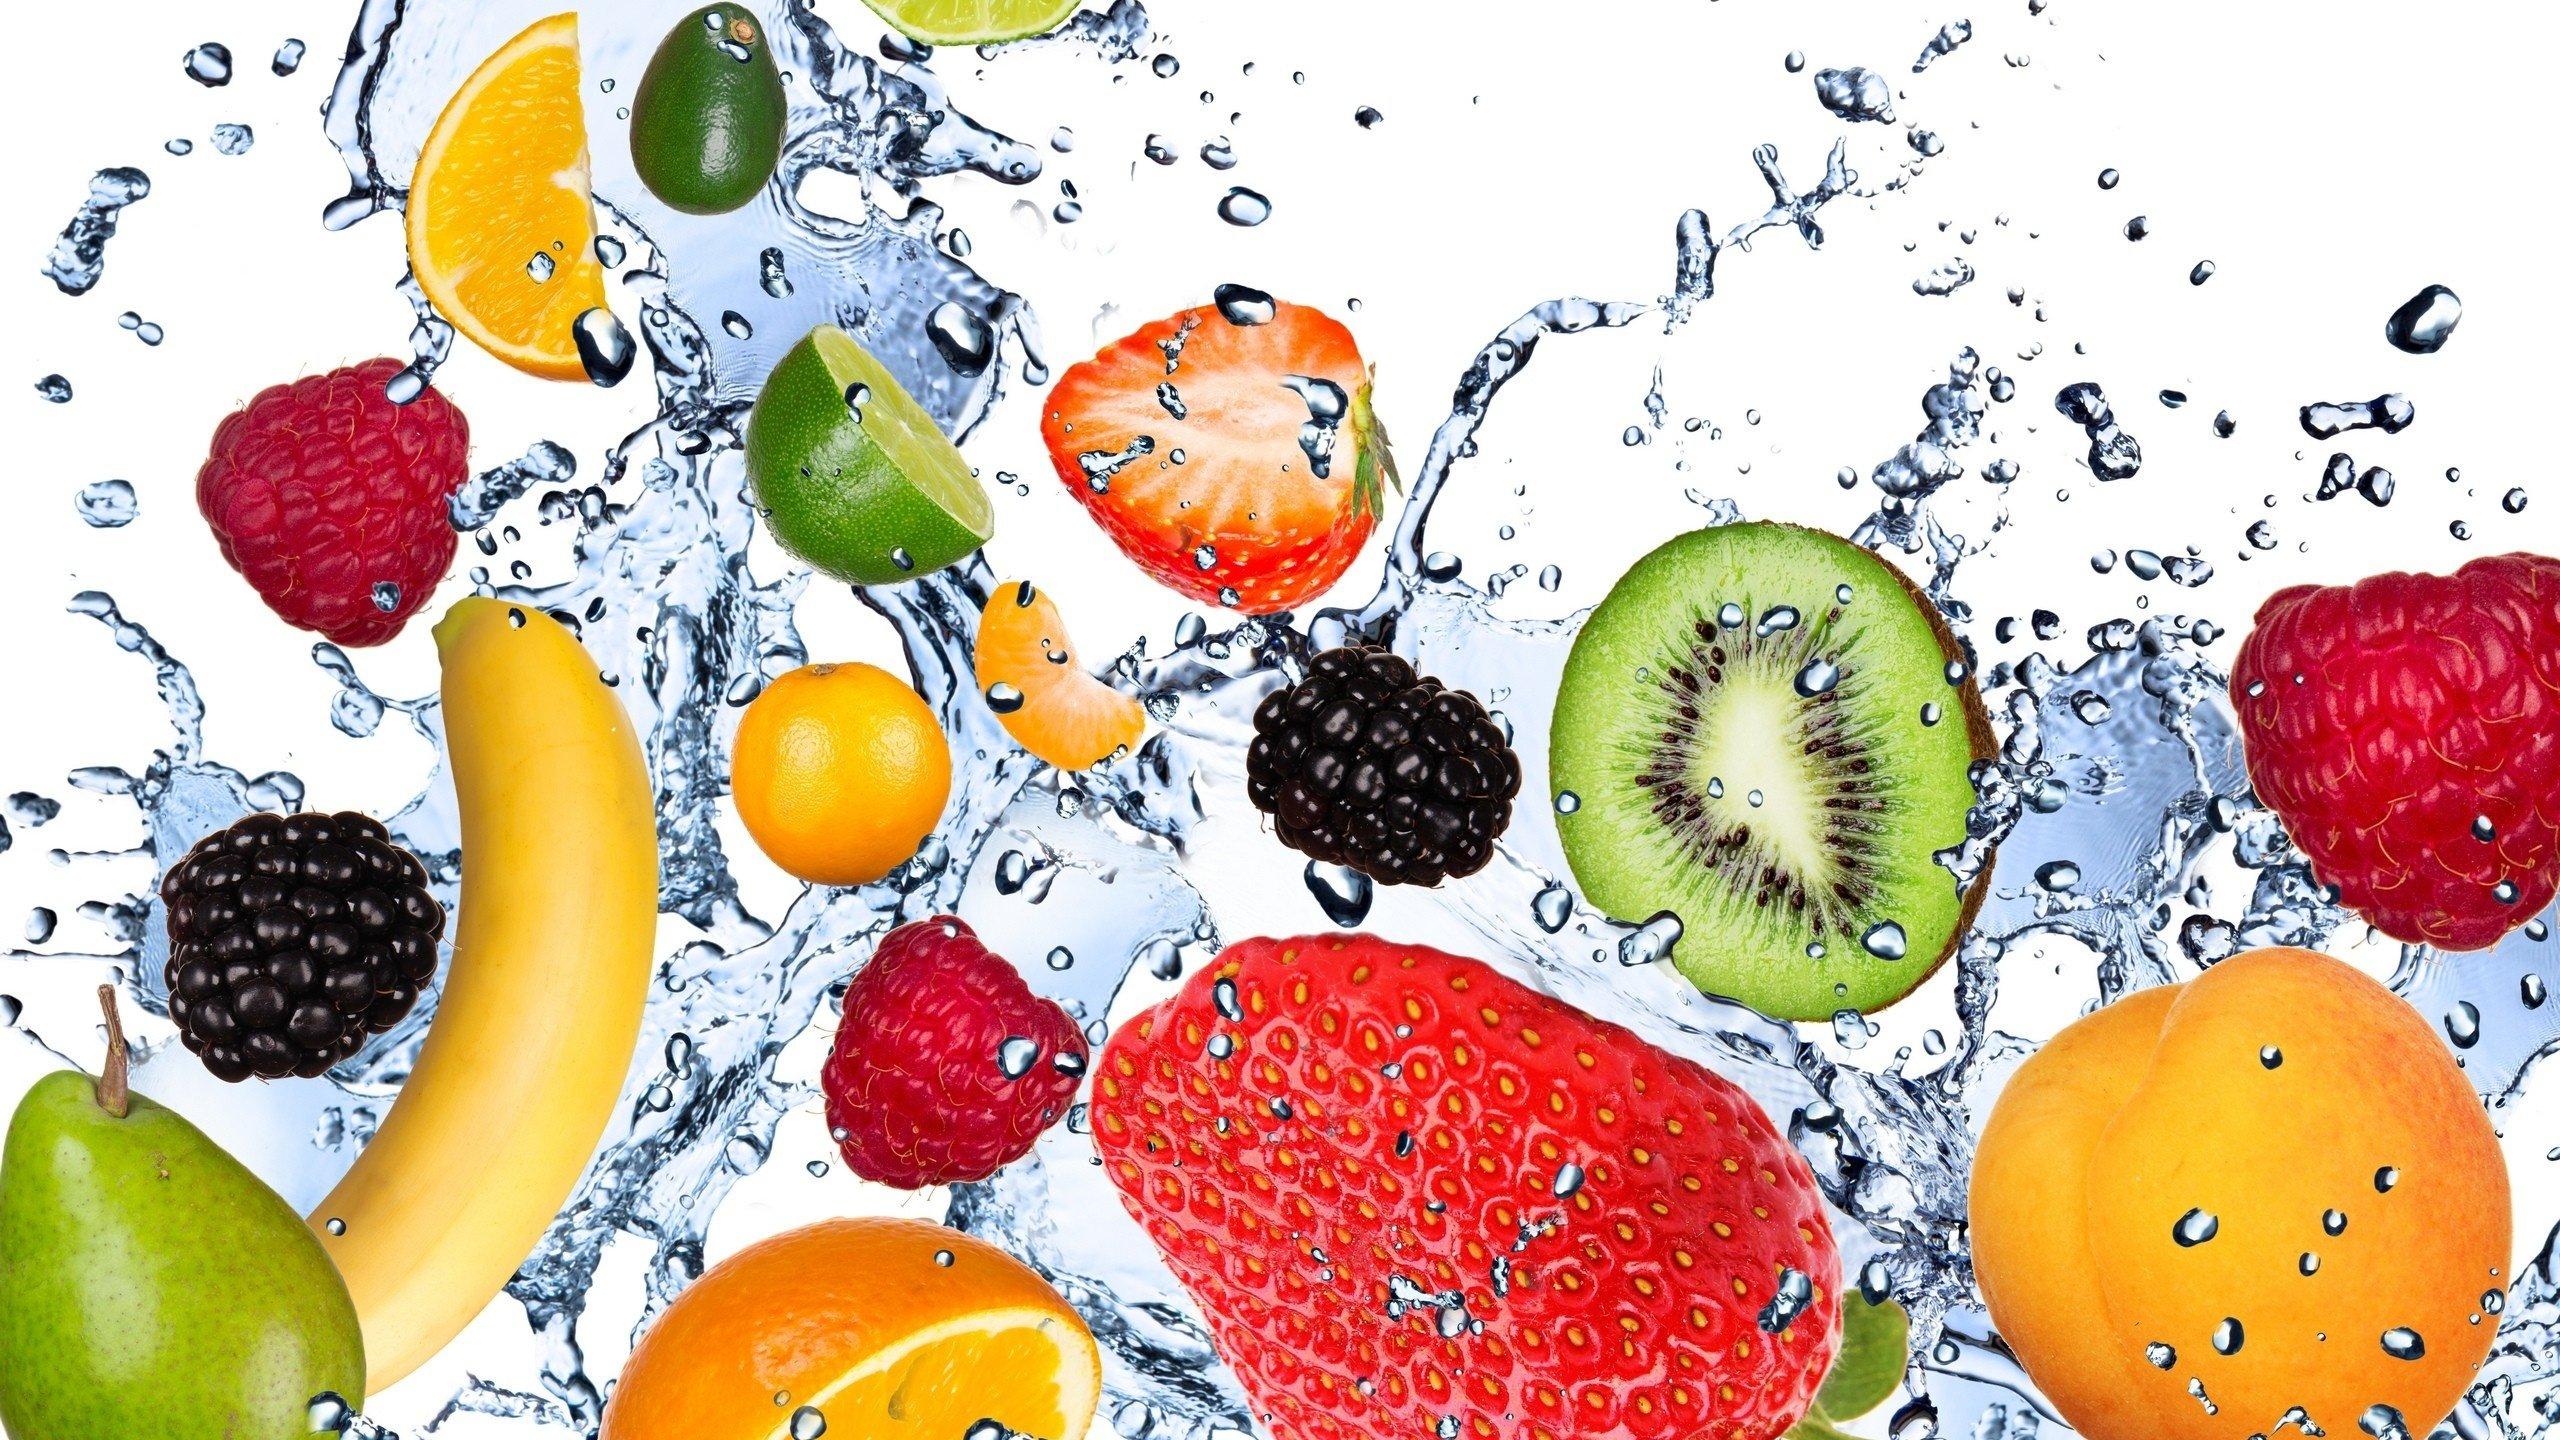 фрукты fruit  № 2921610 загрузить